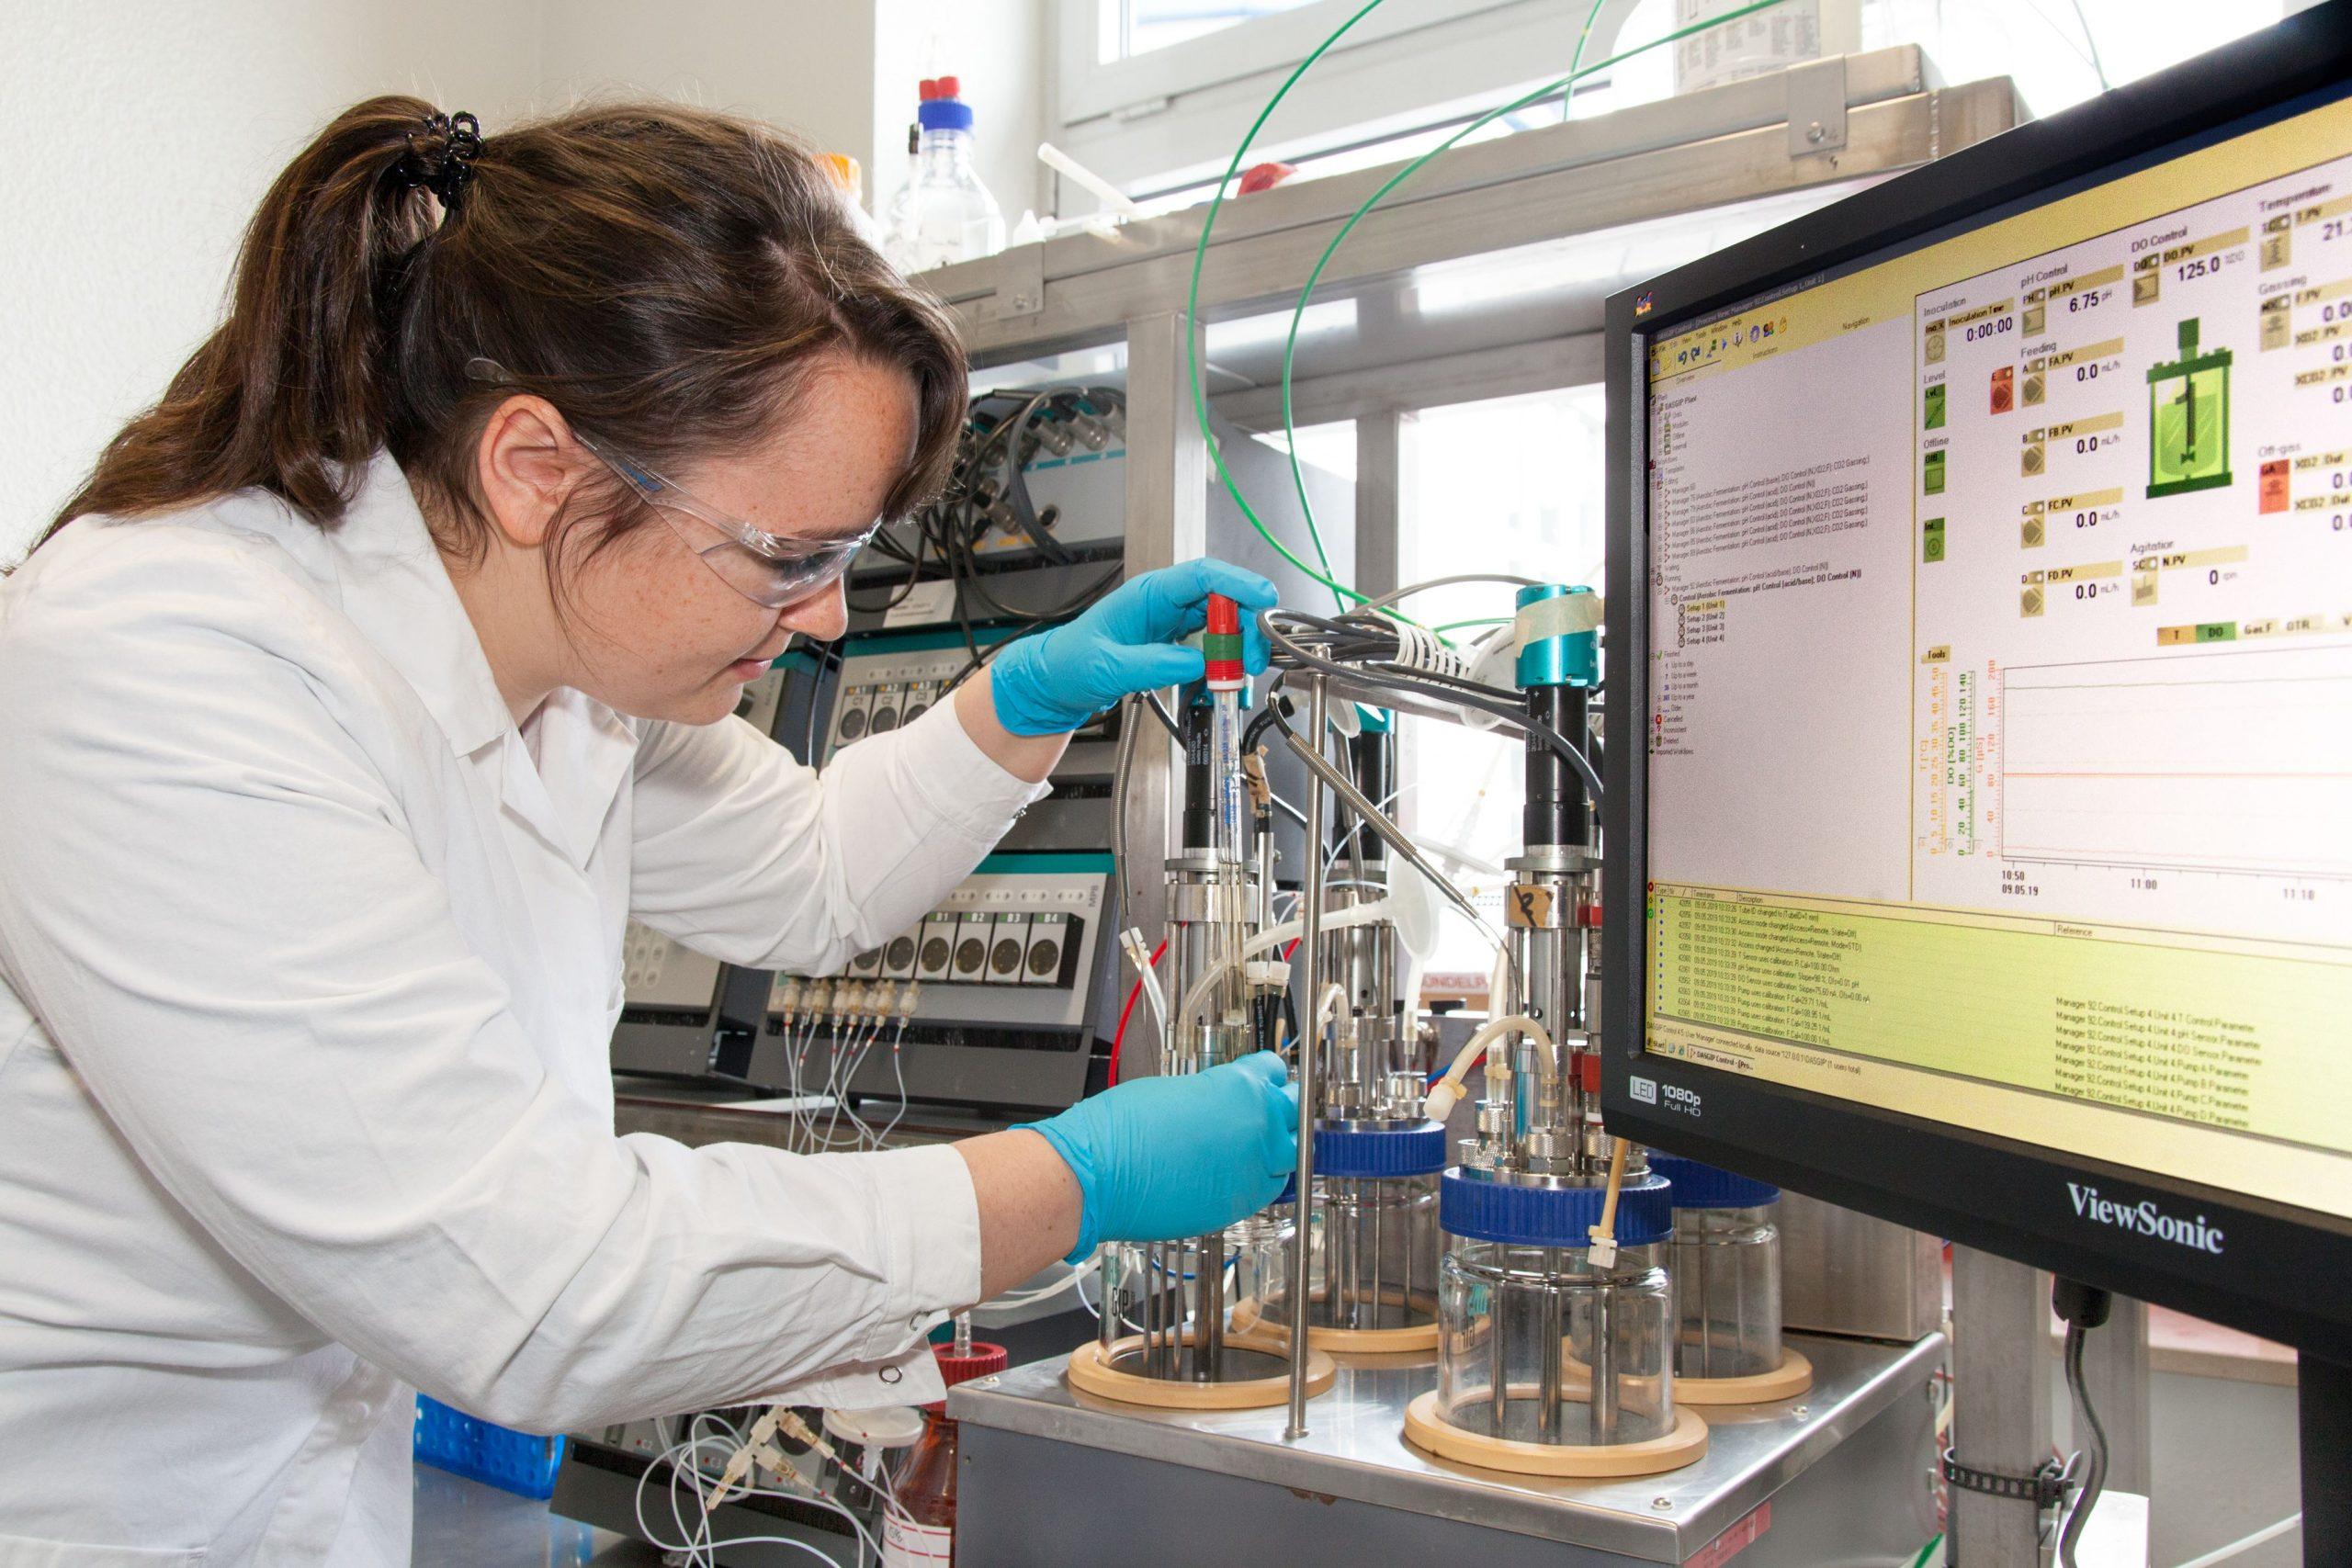 Untersuchung an einem Bioreaktor.